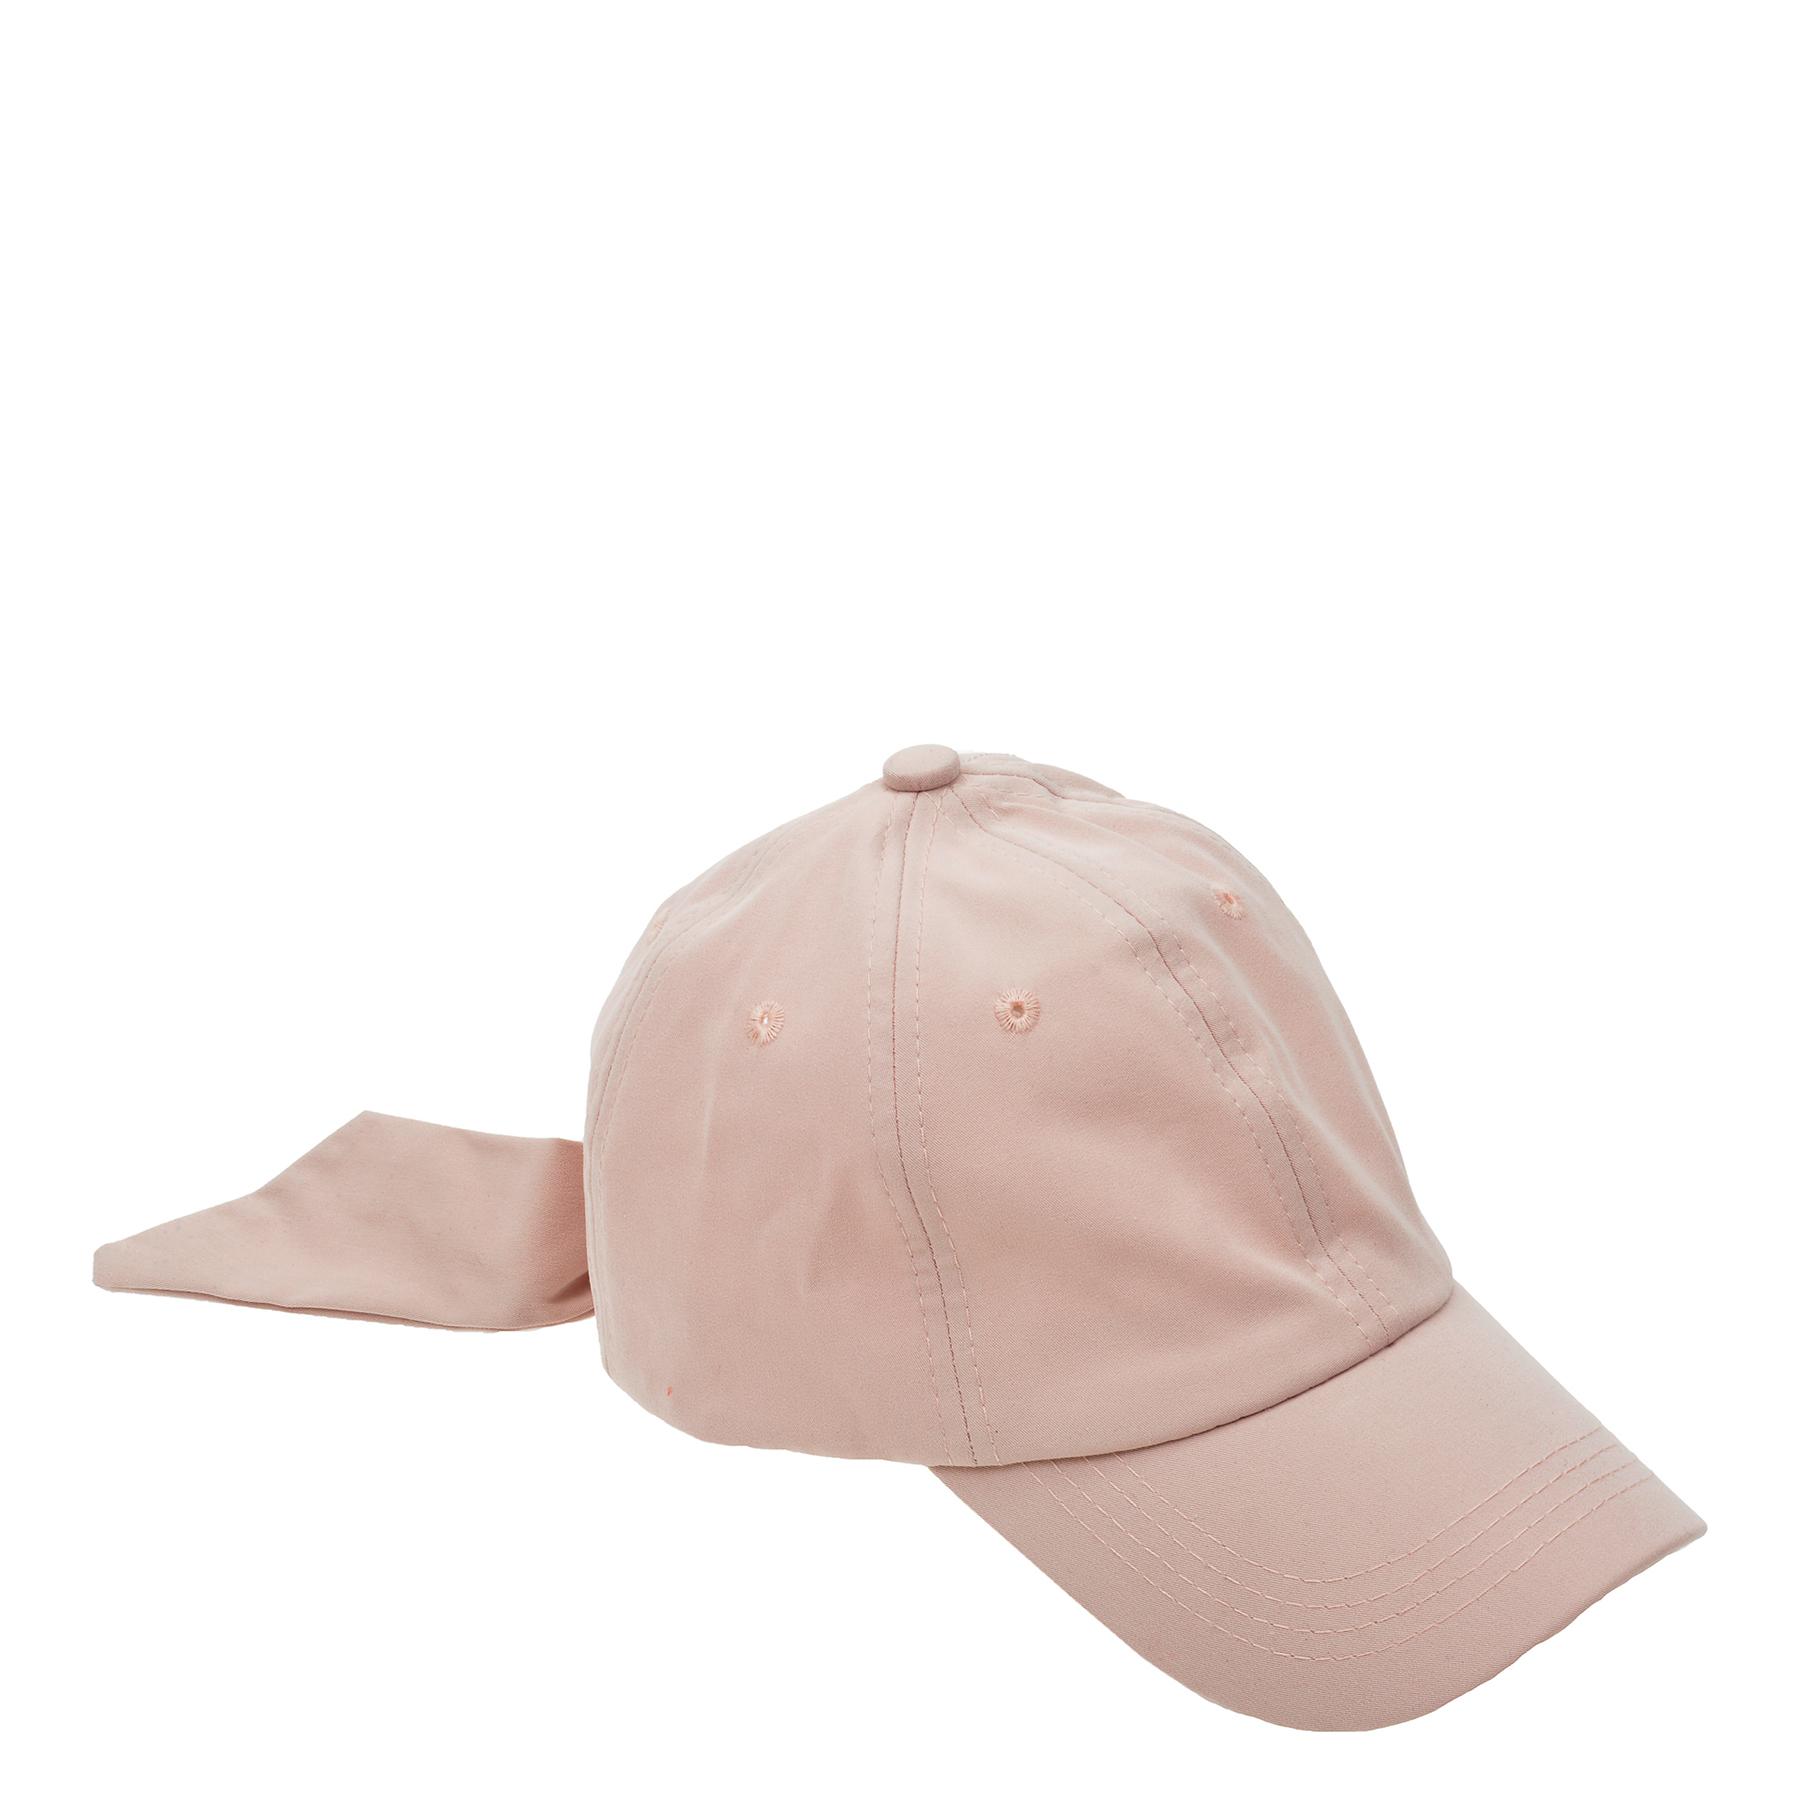 Palarie ALDO roz, Anconina680, din material textil imagine